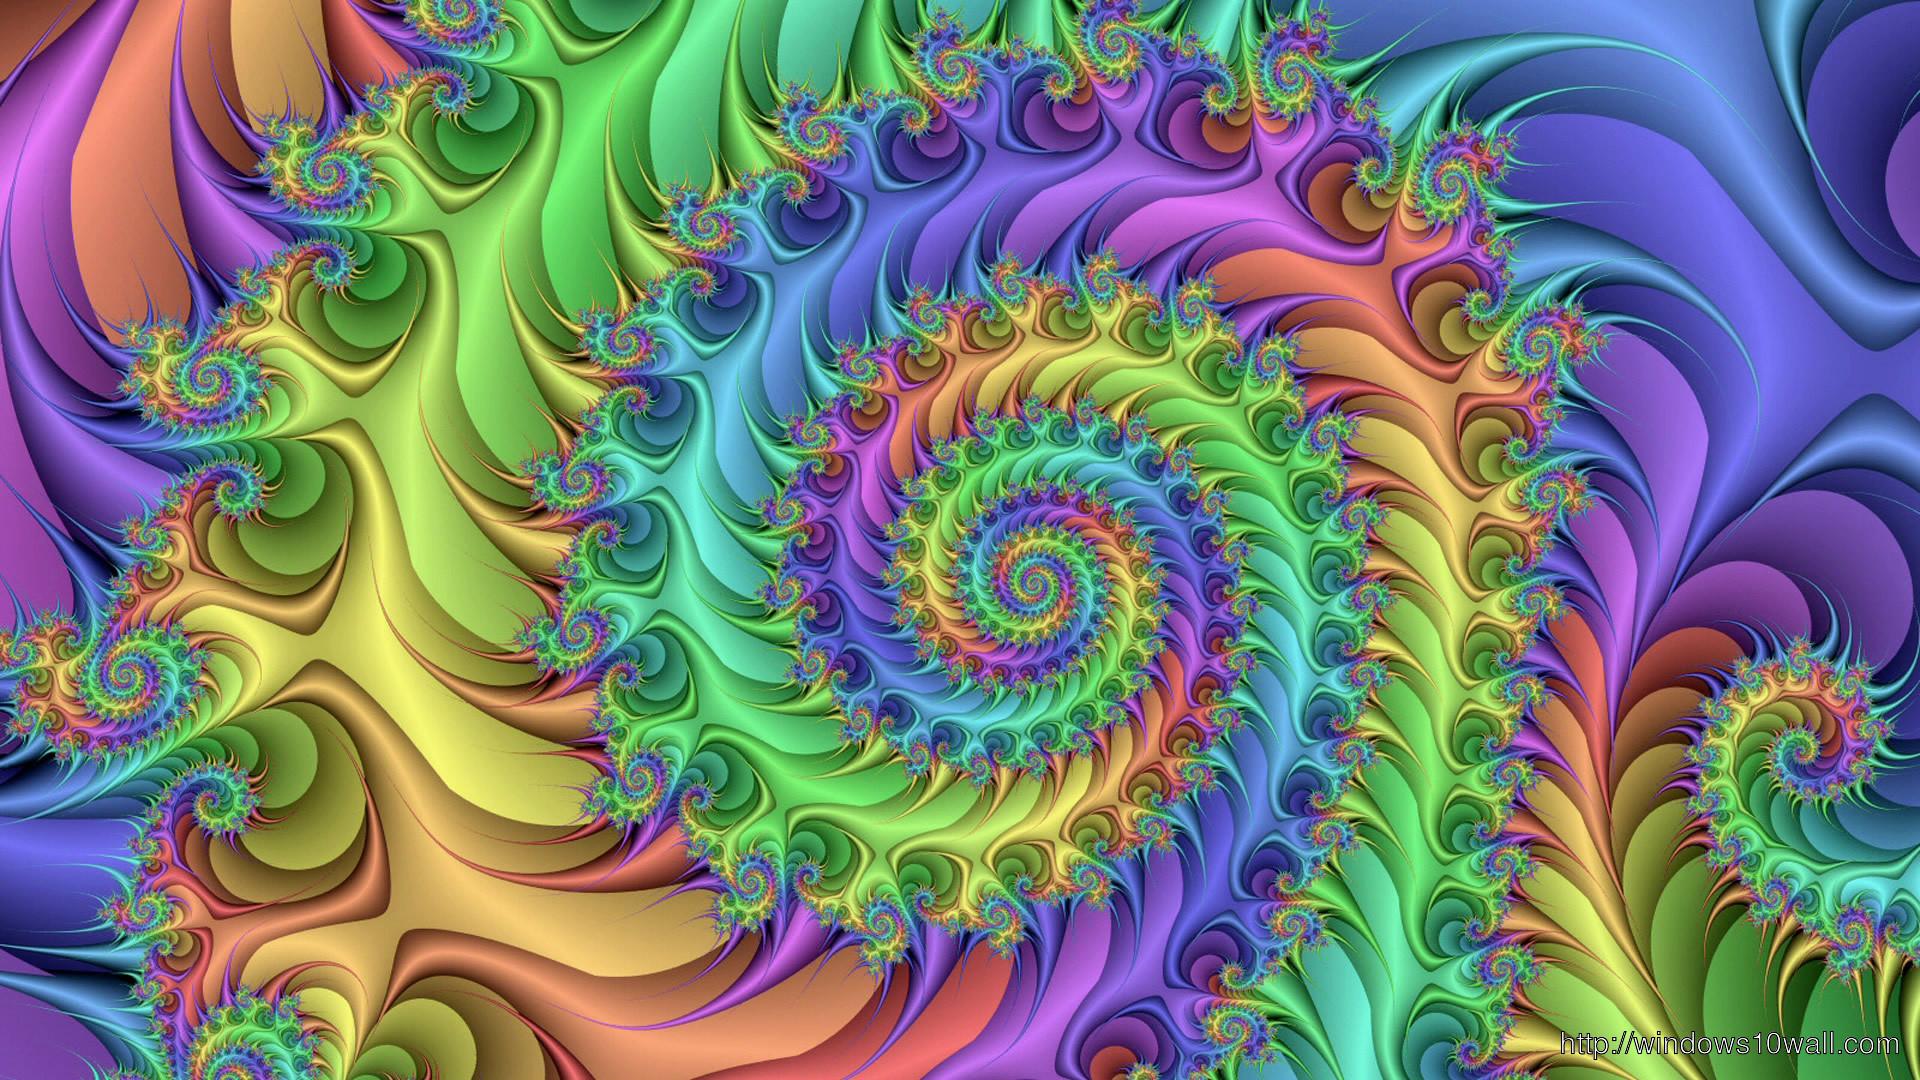 Cool Trippy Wallpaper Full HD